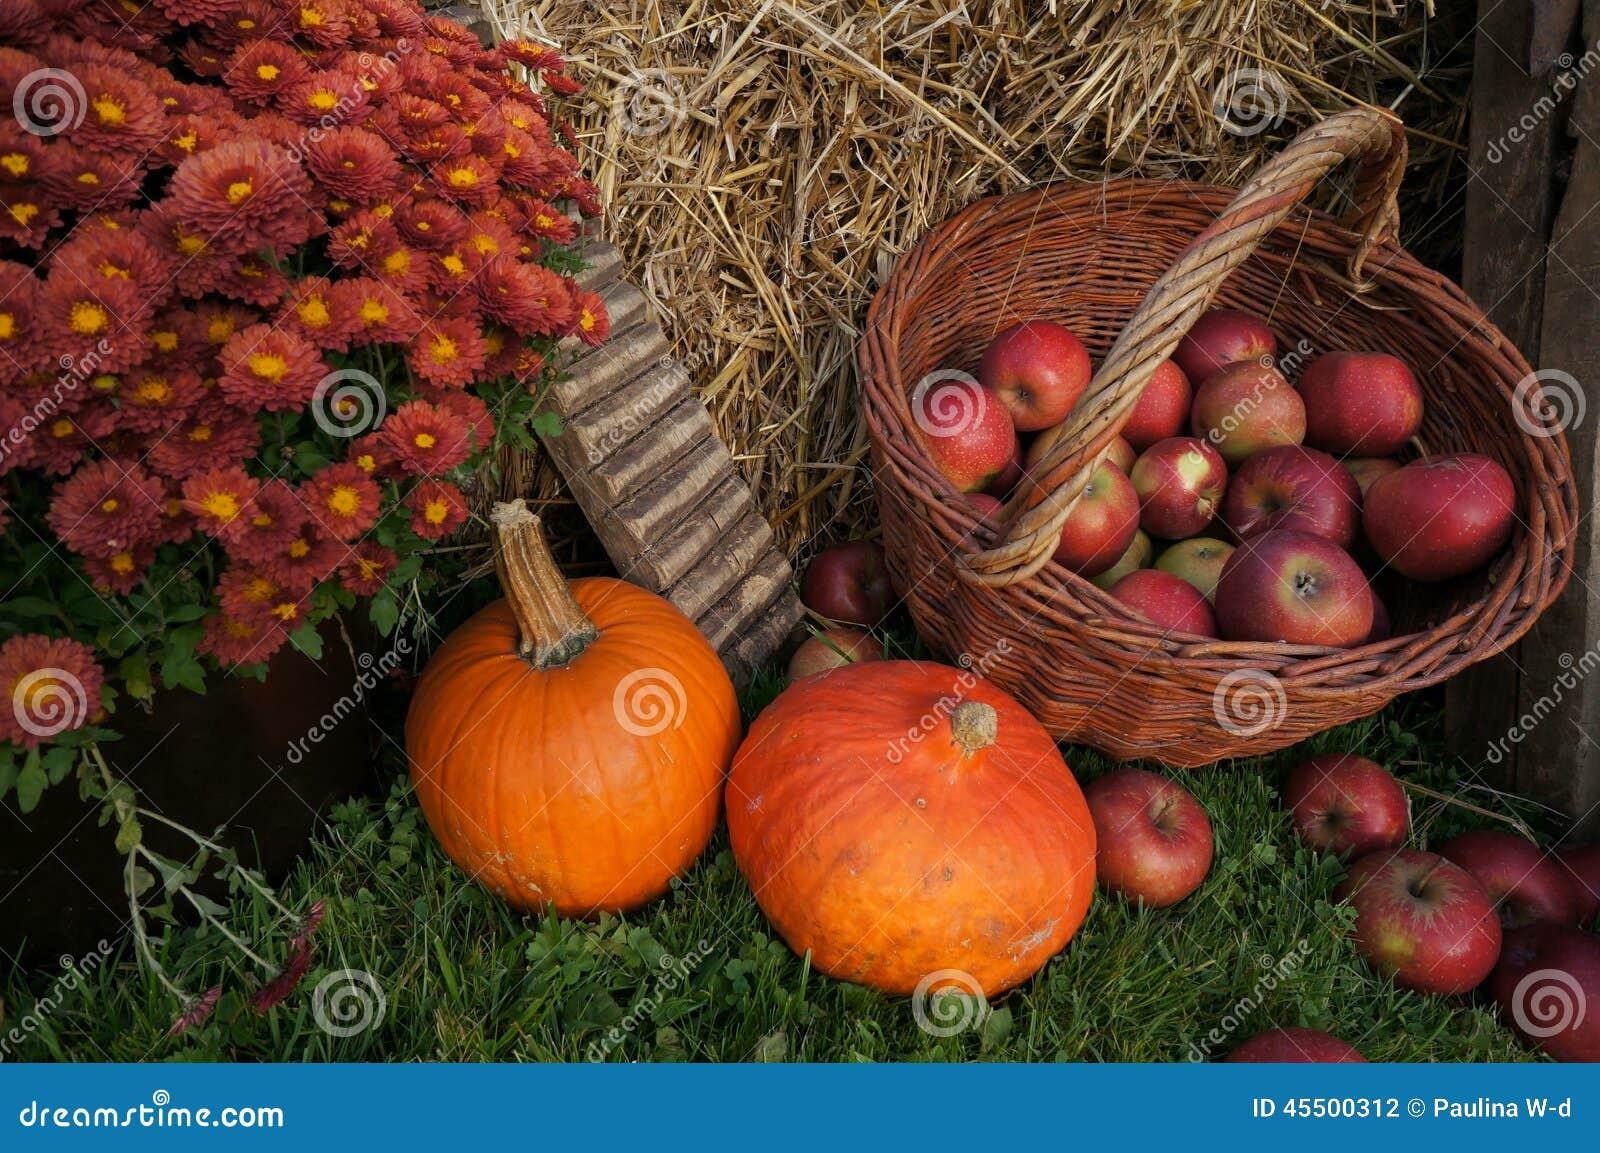 Jesieni dekoraci, czerwieni i zieleni jabłka w łozinowym koszu na słomie, banie, kabaczek, wrzos kwitną i chryzantema kwitnie